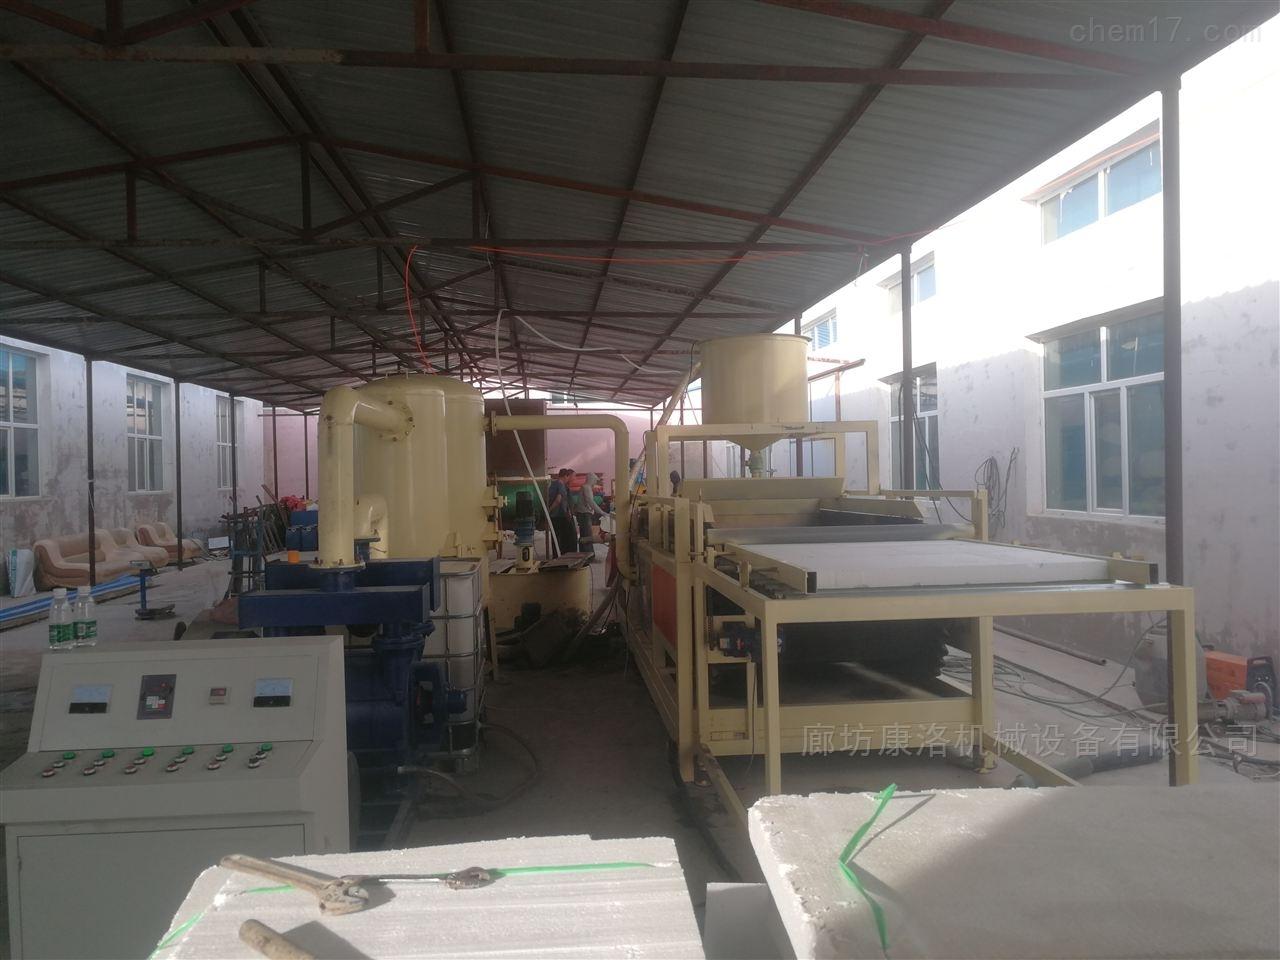 硅质板设备(EPS)聚合聚苯板生产线大城